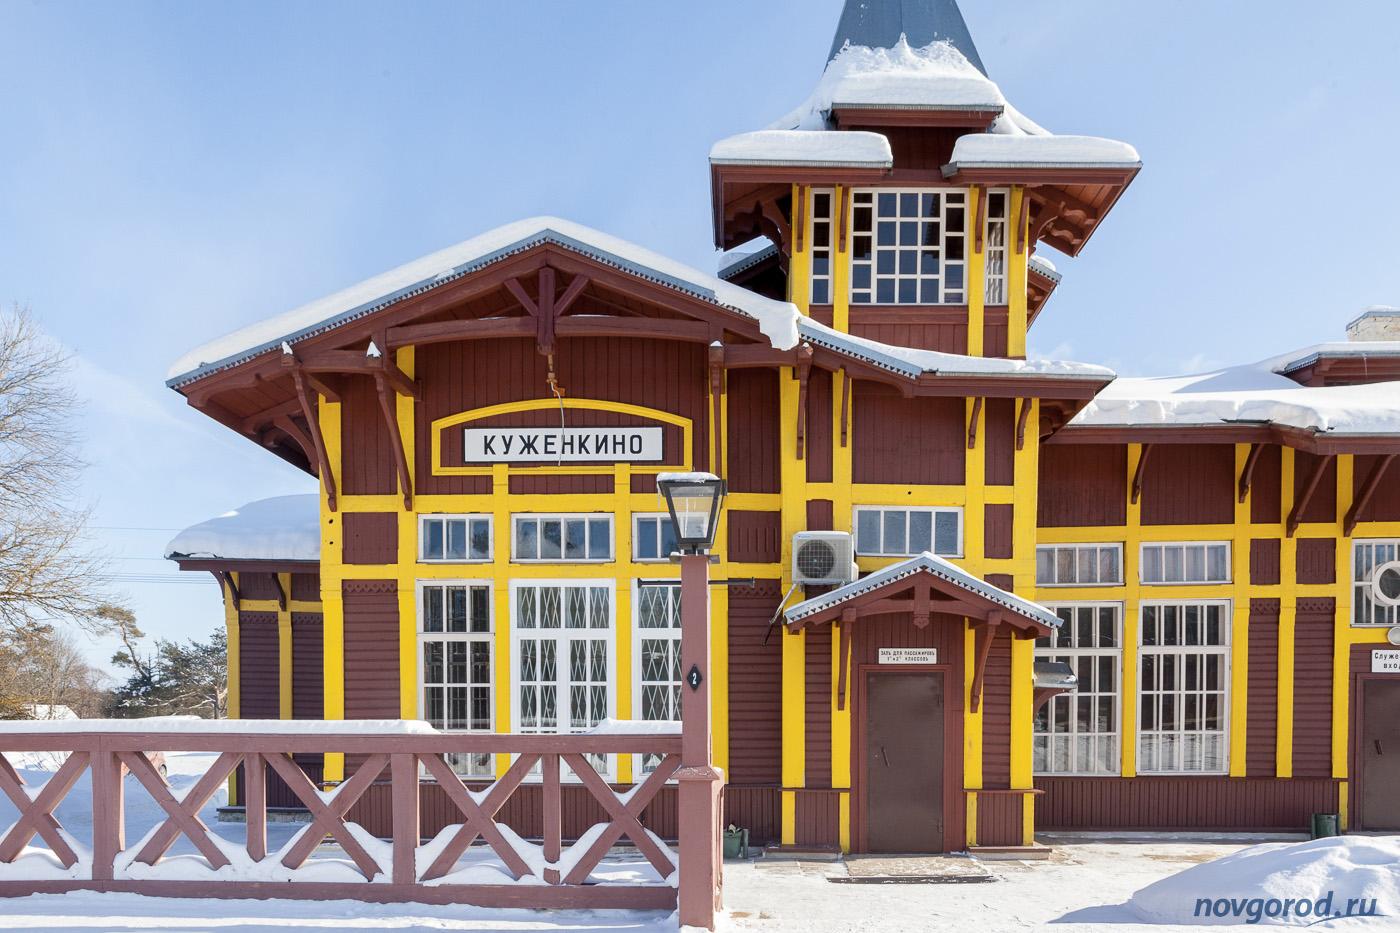 Вокзал станции Куженкино после реконструкции. 2018 год.